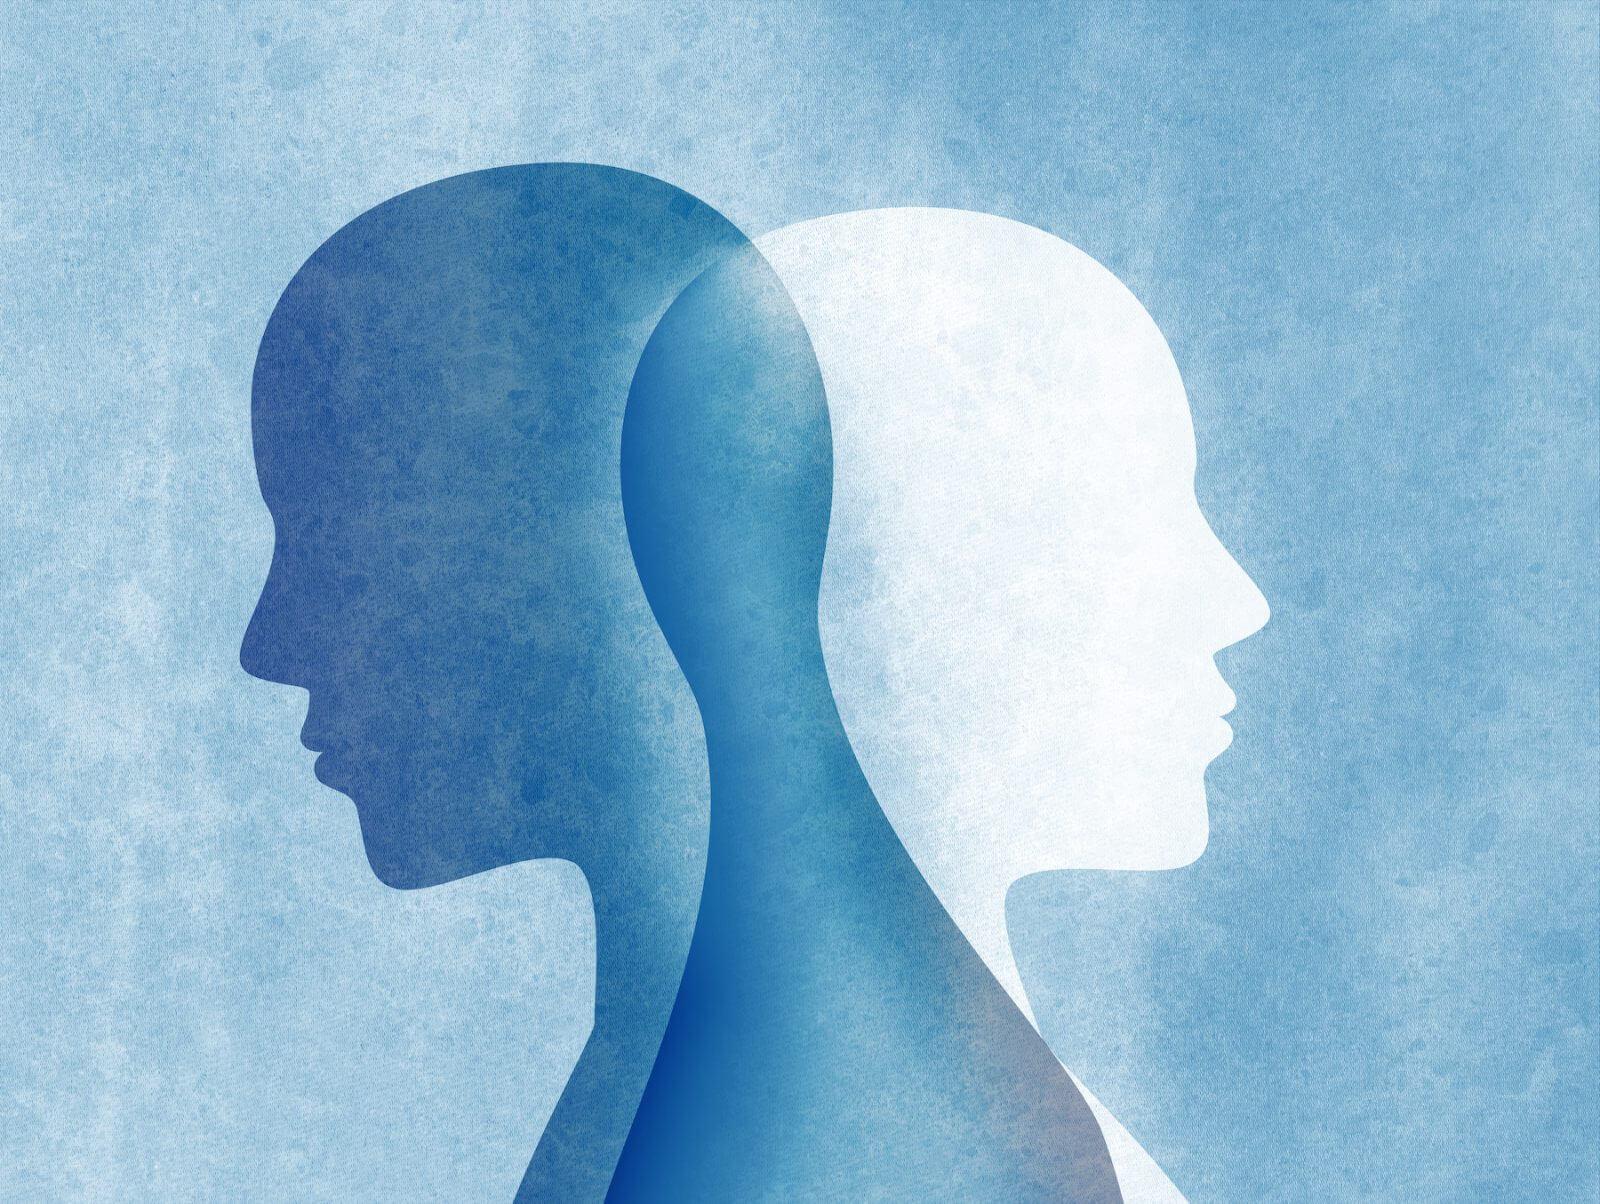 Cómo funciona la Bioprogramación a través de nuestra mente